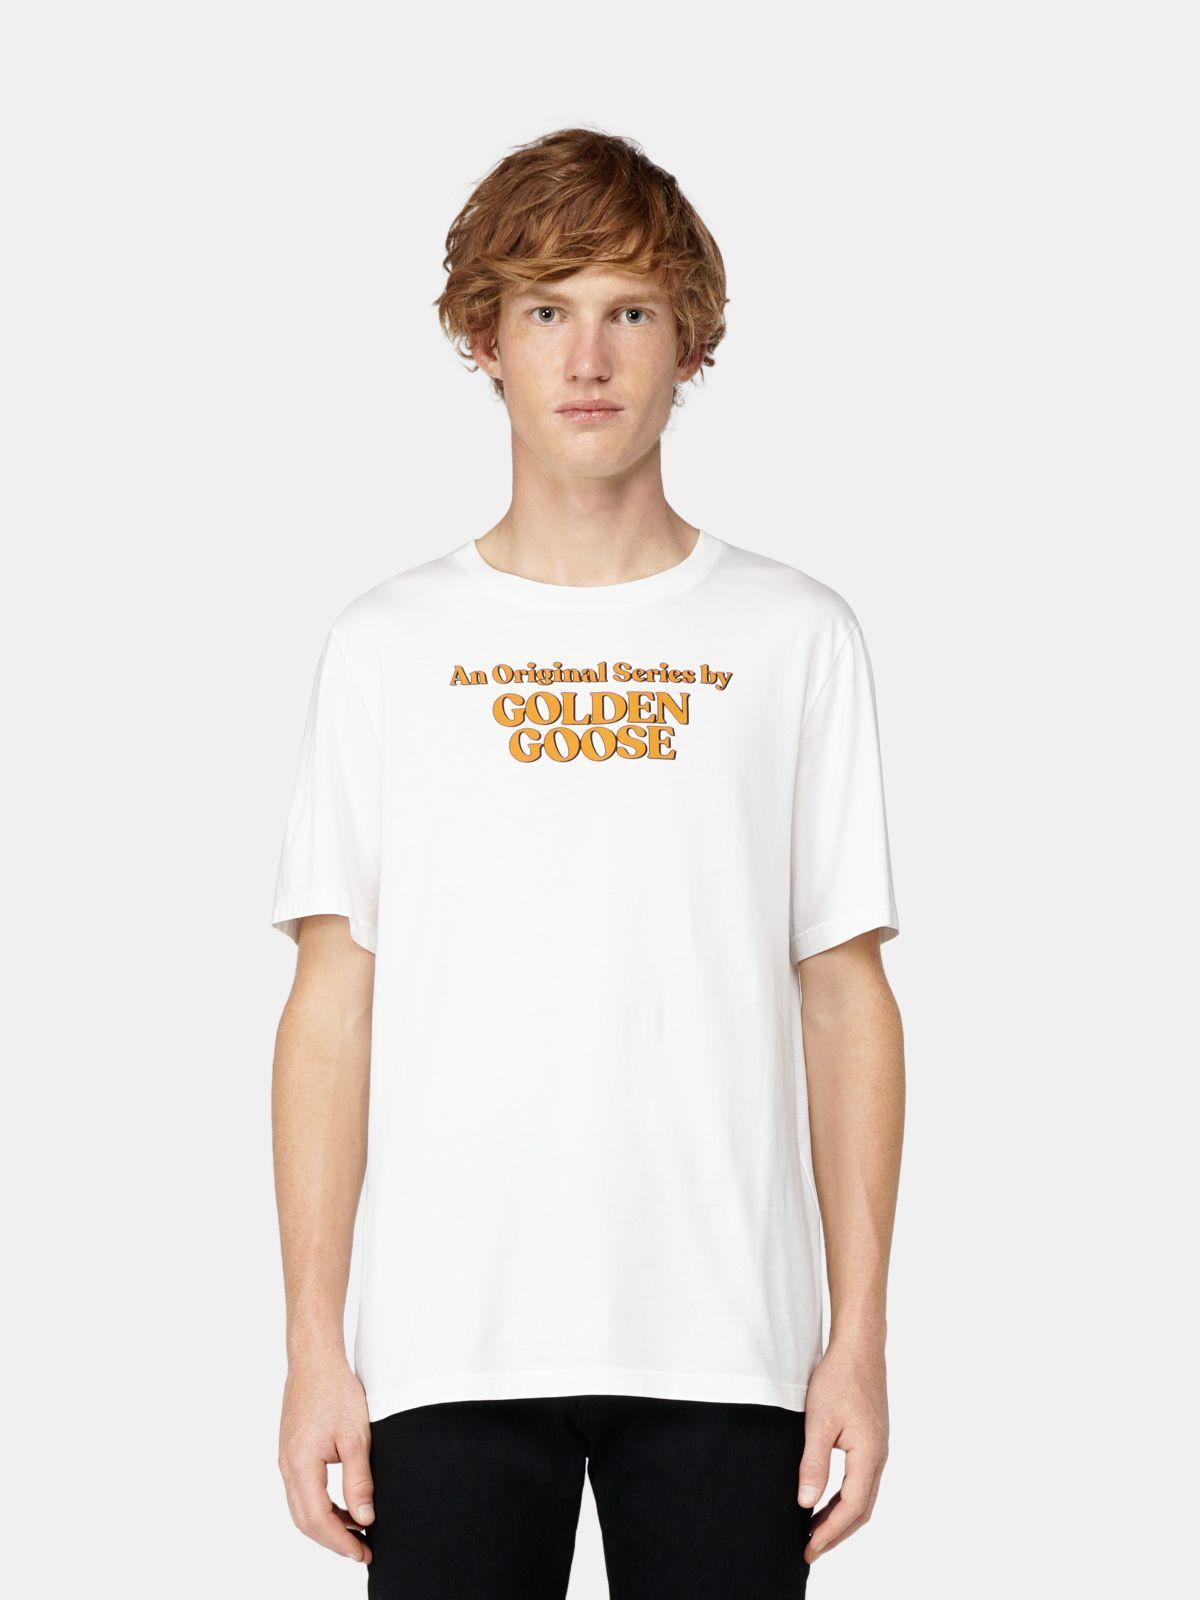 Golden Goose - Adamo T-shirt with Original Series print in